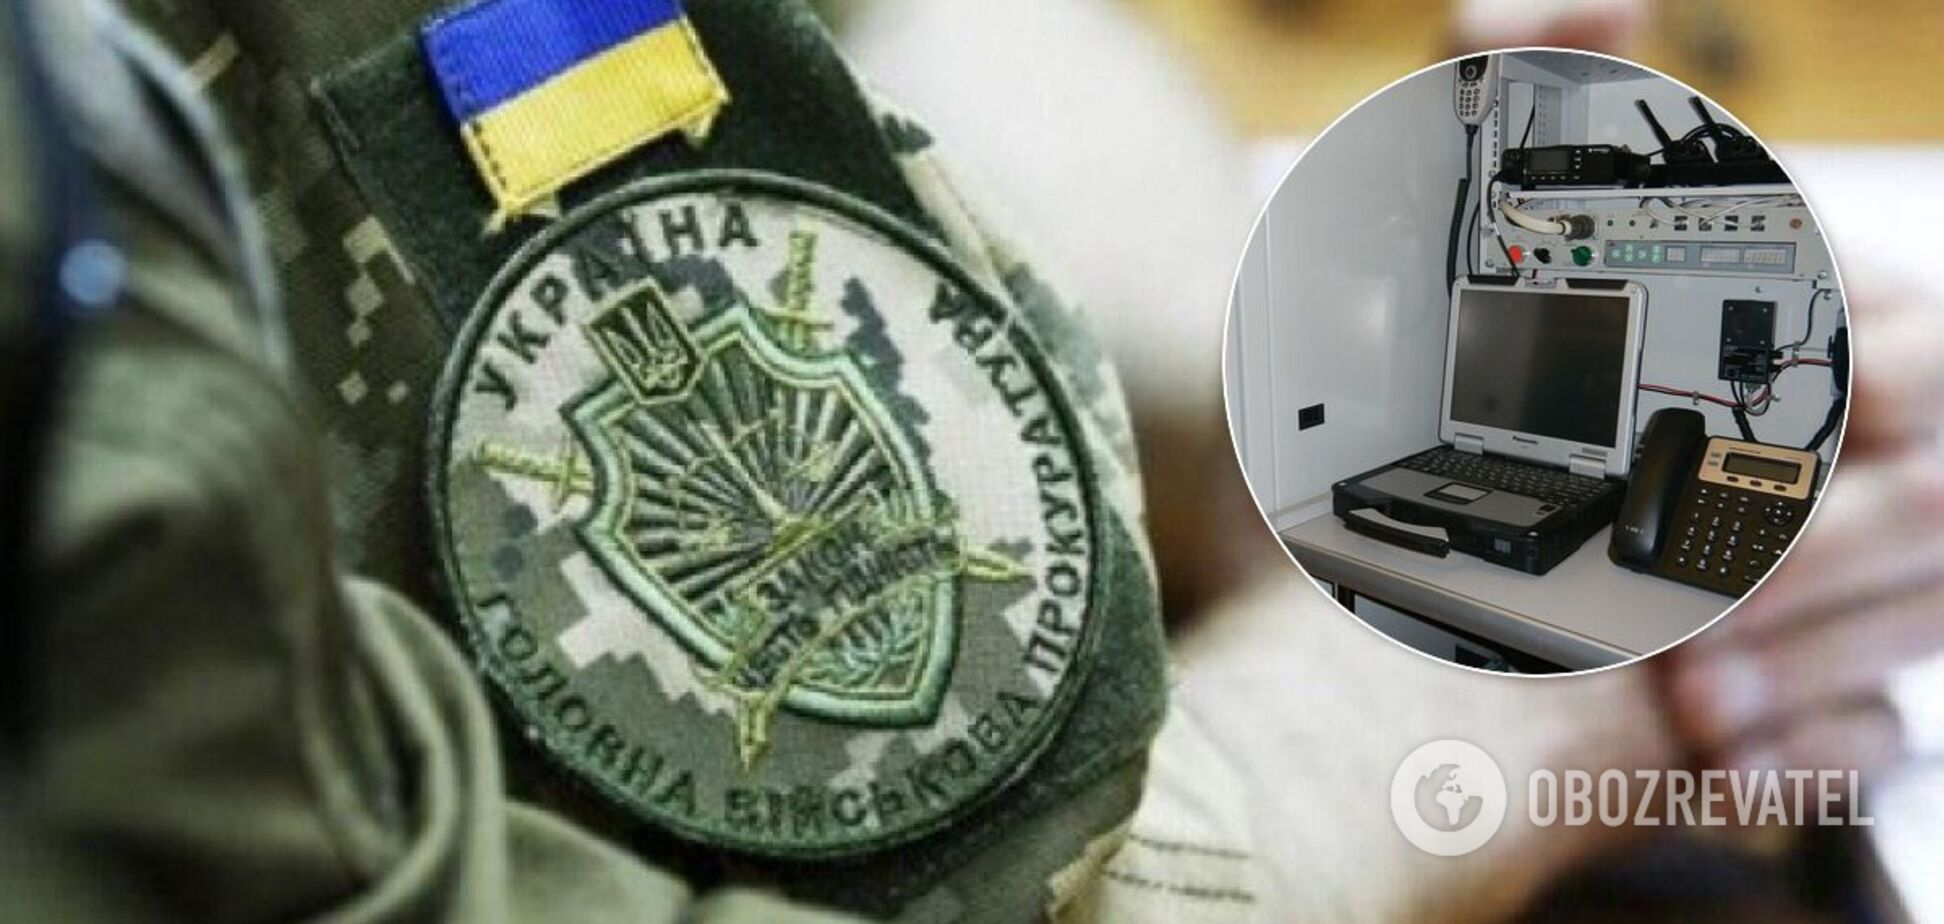 На Черниговщине военный украл имущества на 200 тысяч гривен